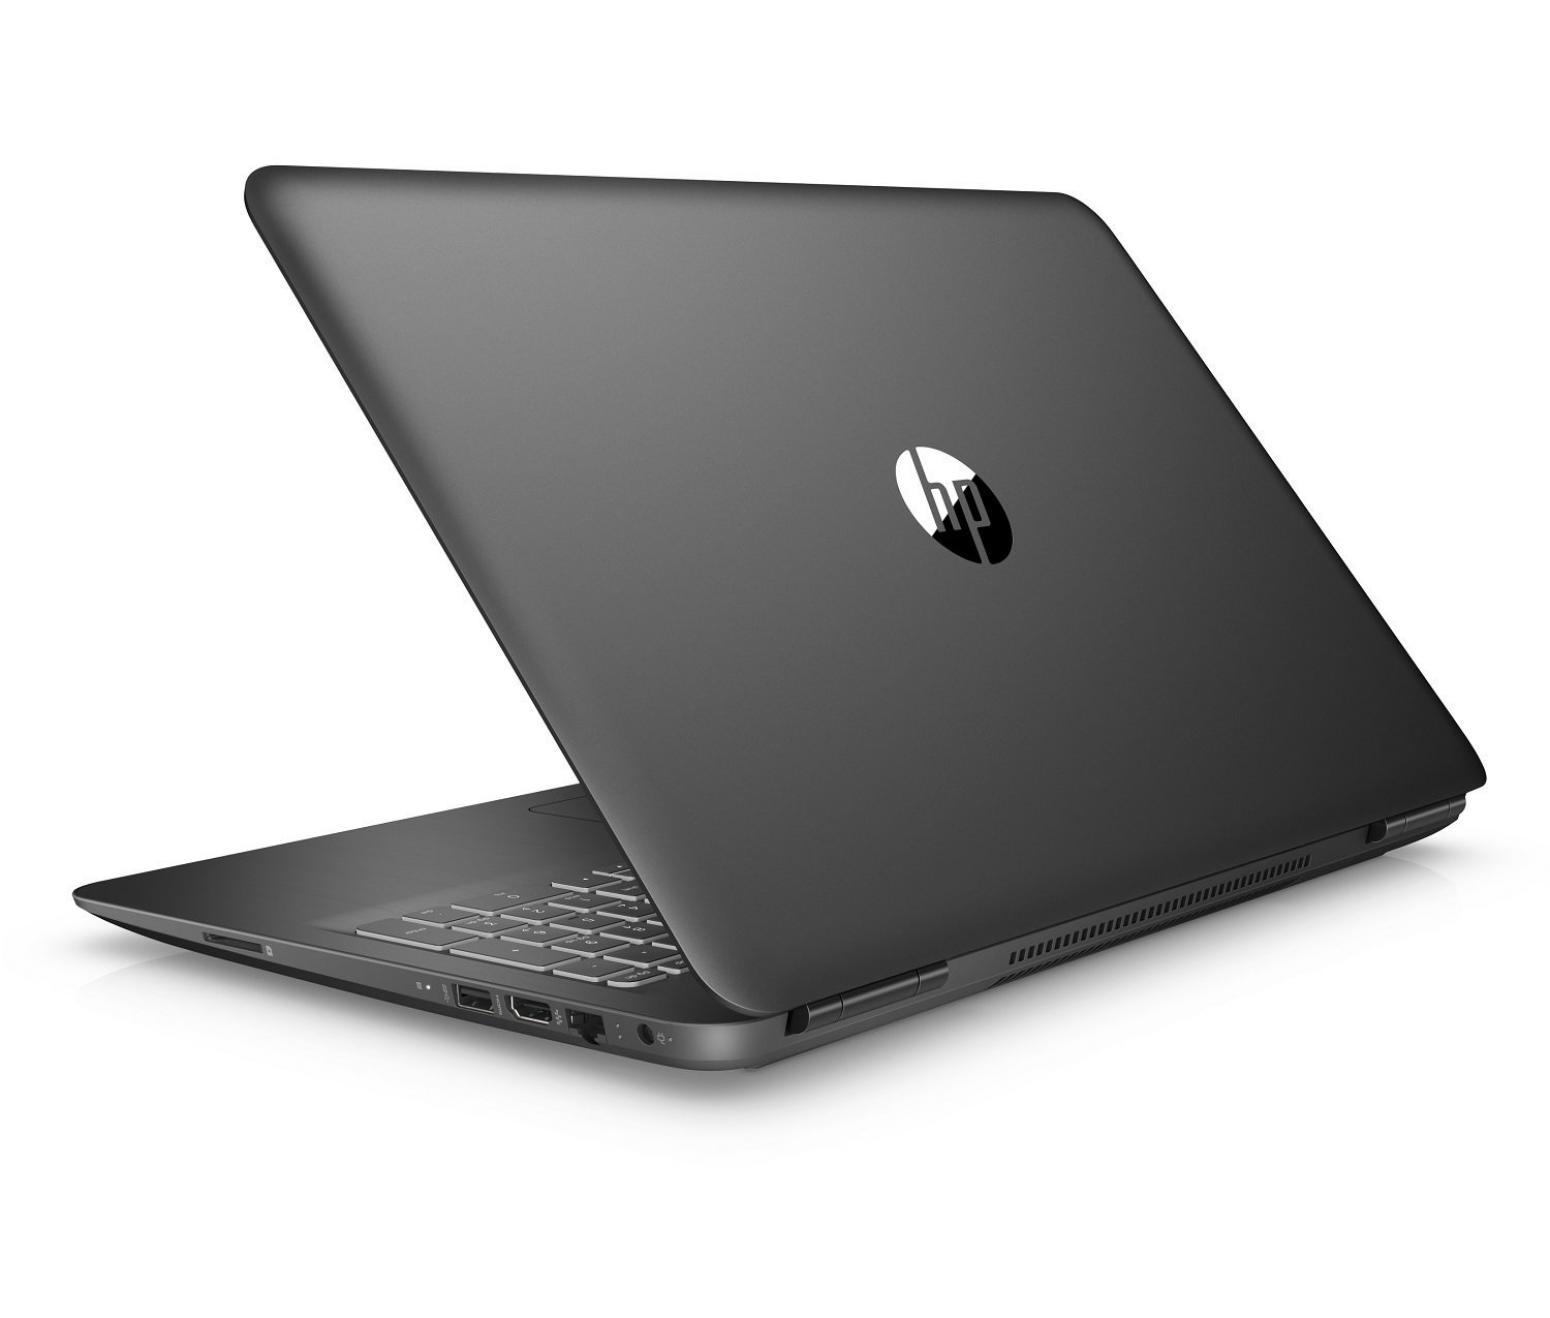 Image du PC portable HP Pavilion 15-bc403nf Noir SSD